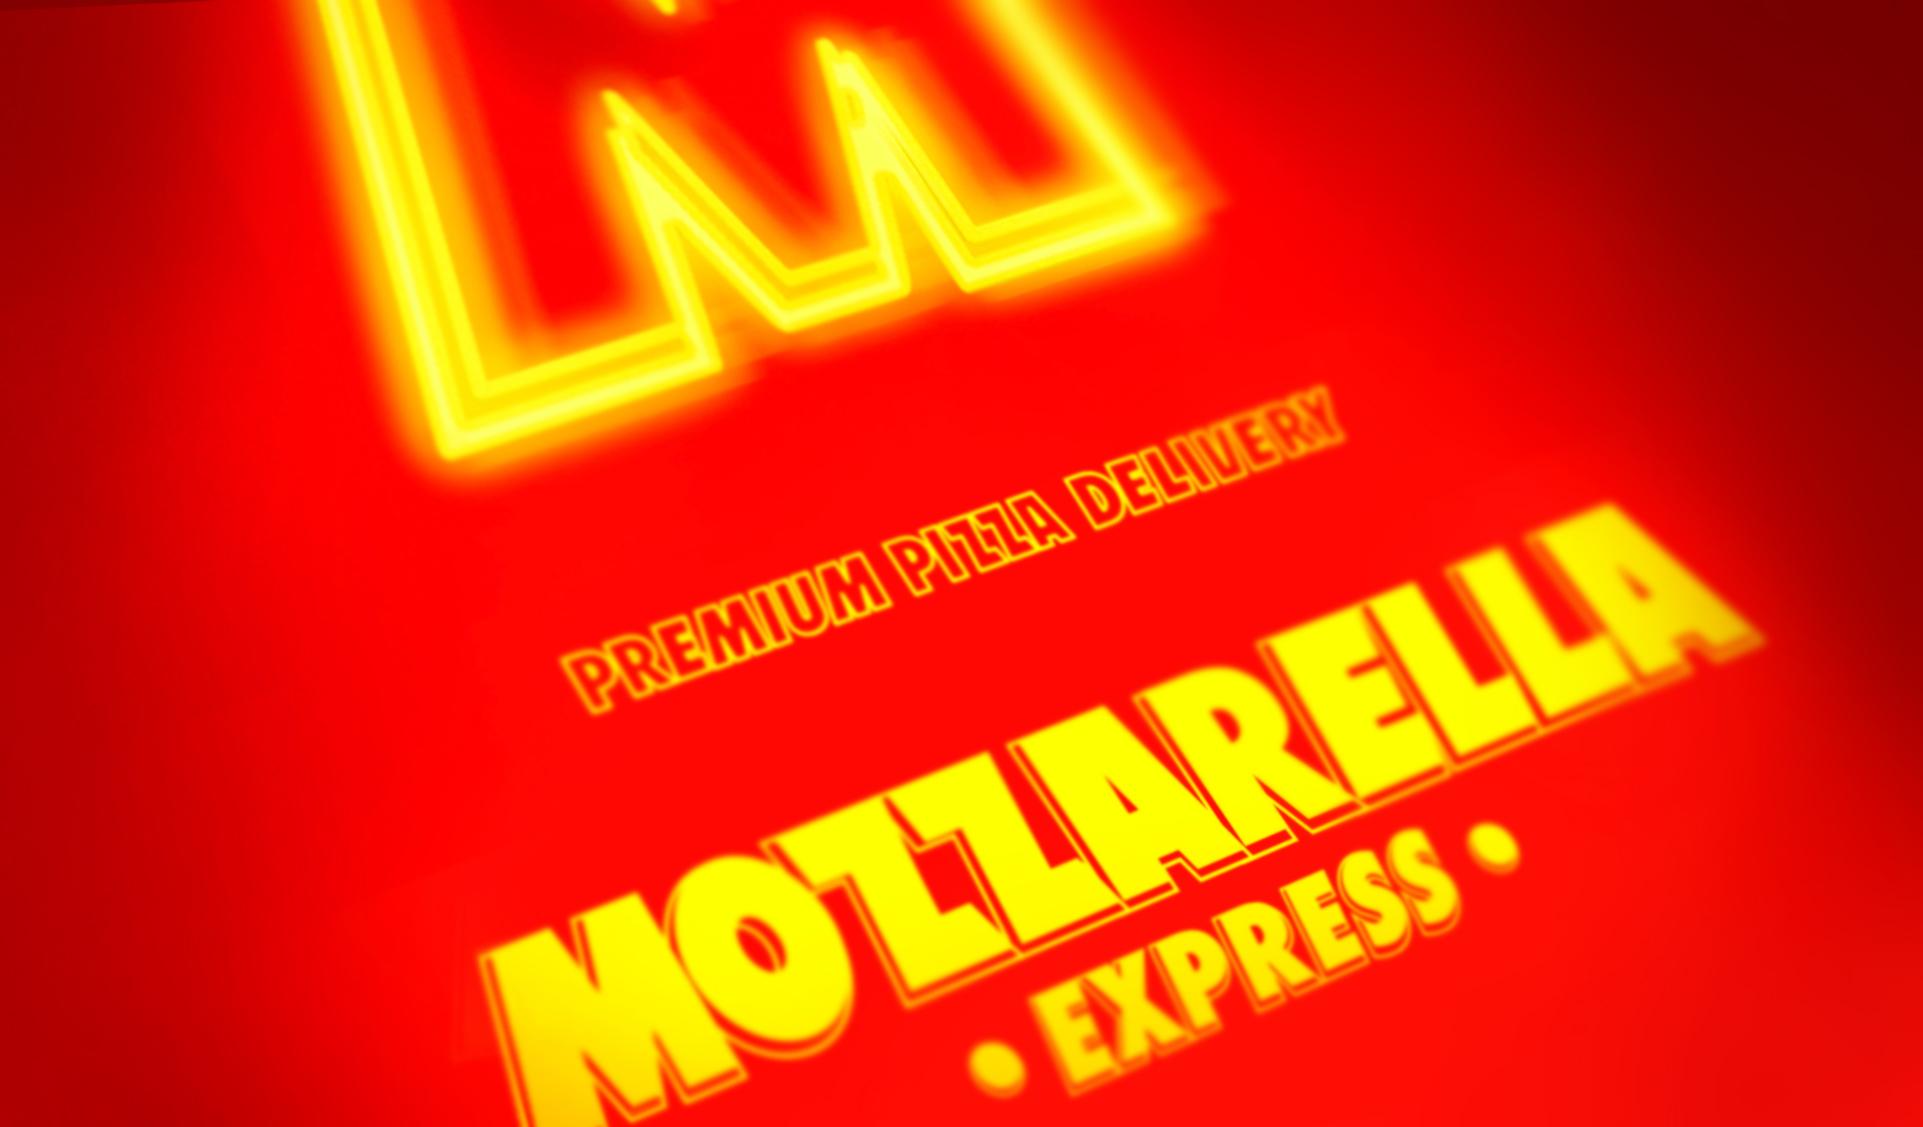 Mozzarella Express